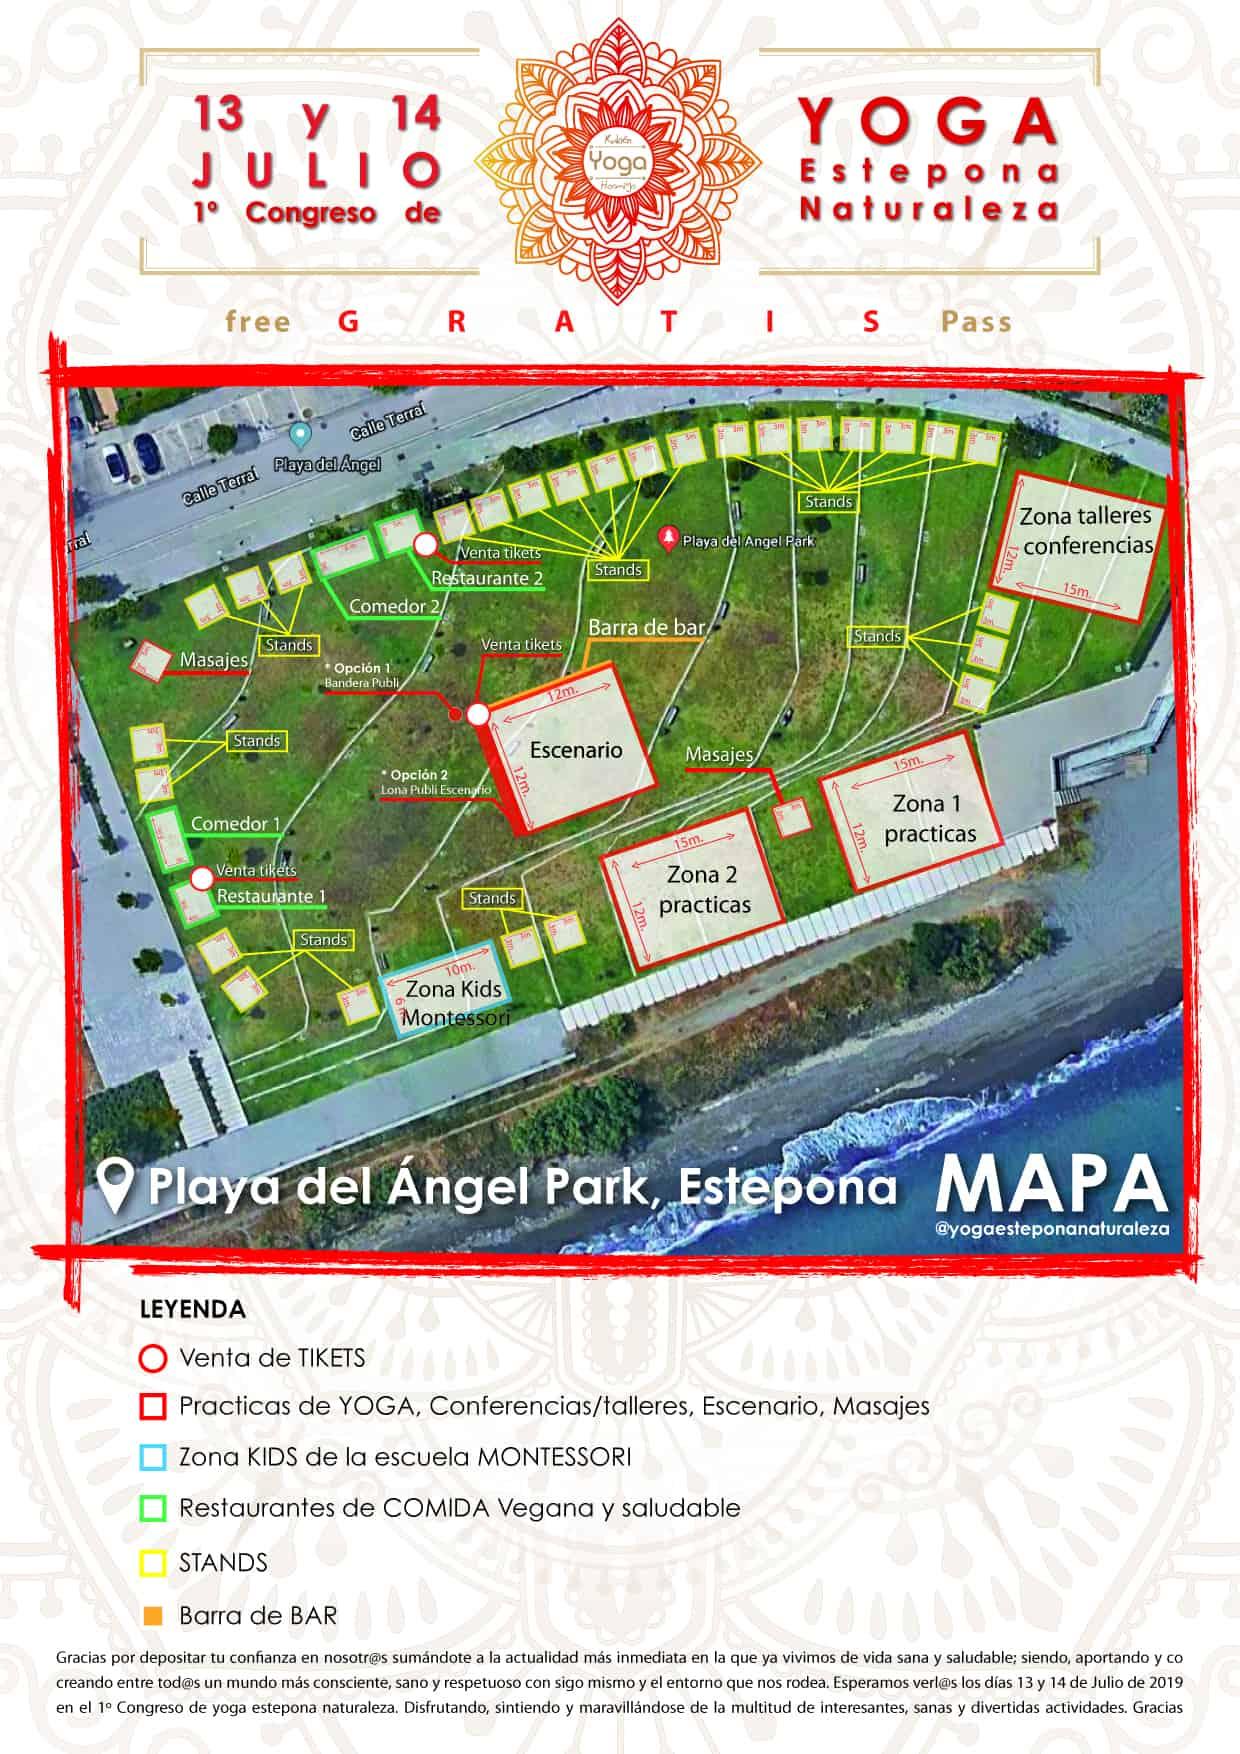 Mapa yoga estepona naturaleza ruben hormigo yoga